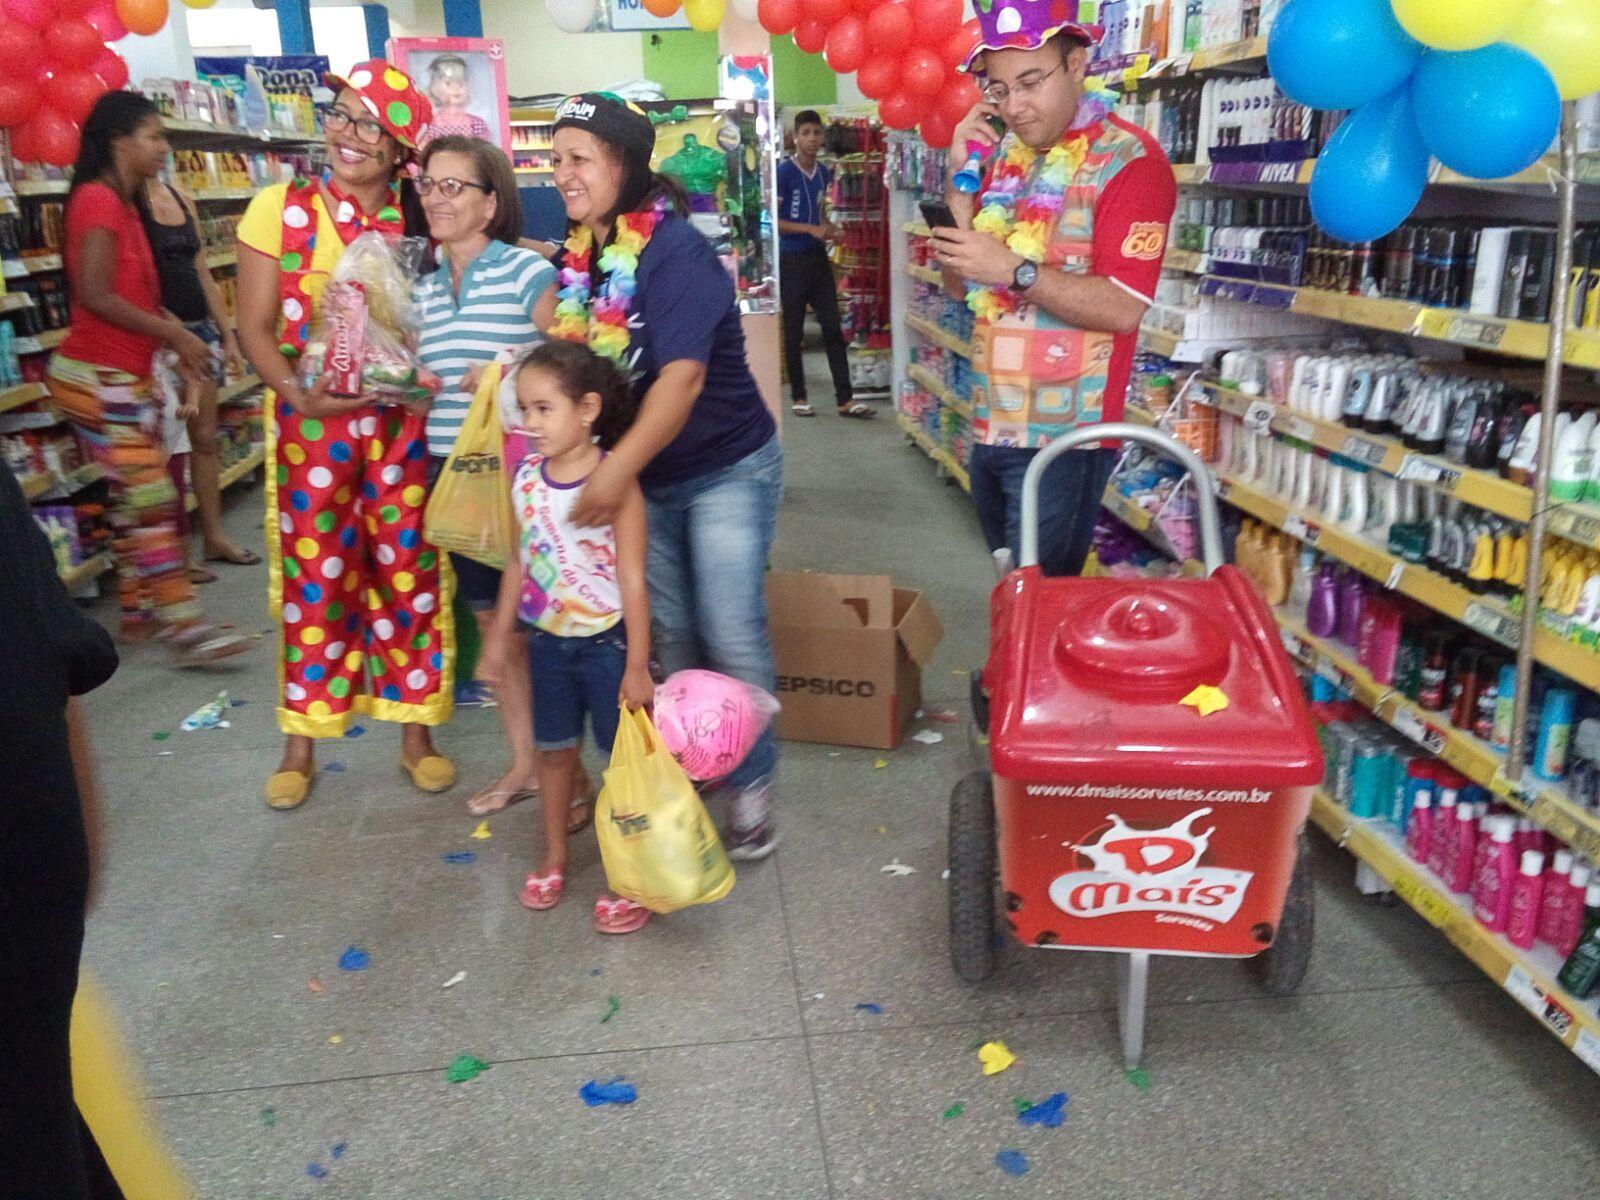 Dias das crianças 2015 em super mercado - Dmais Sorvetes